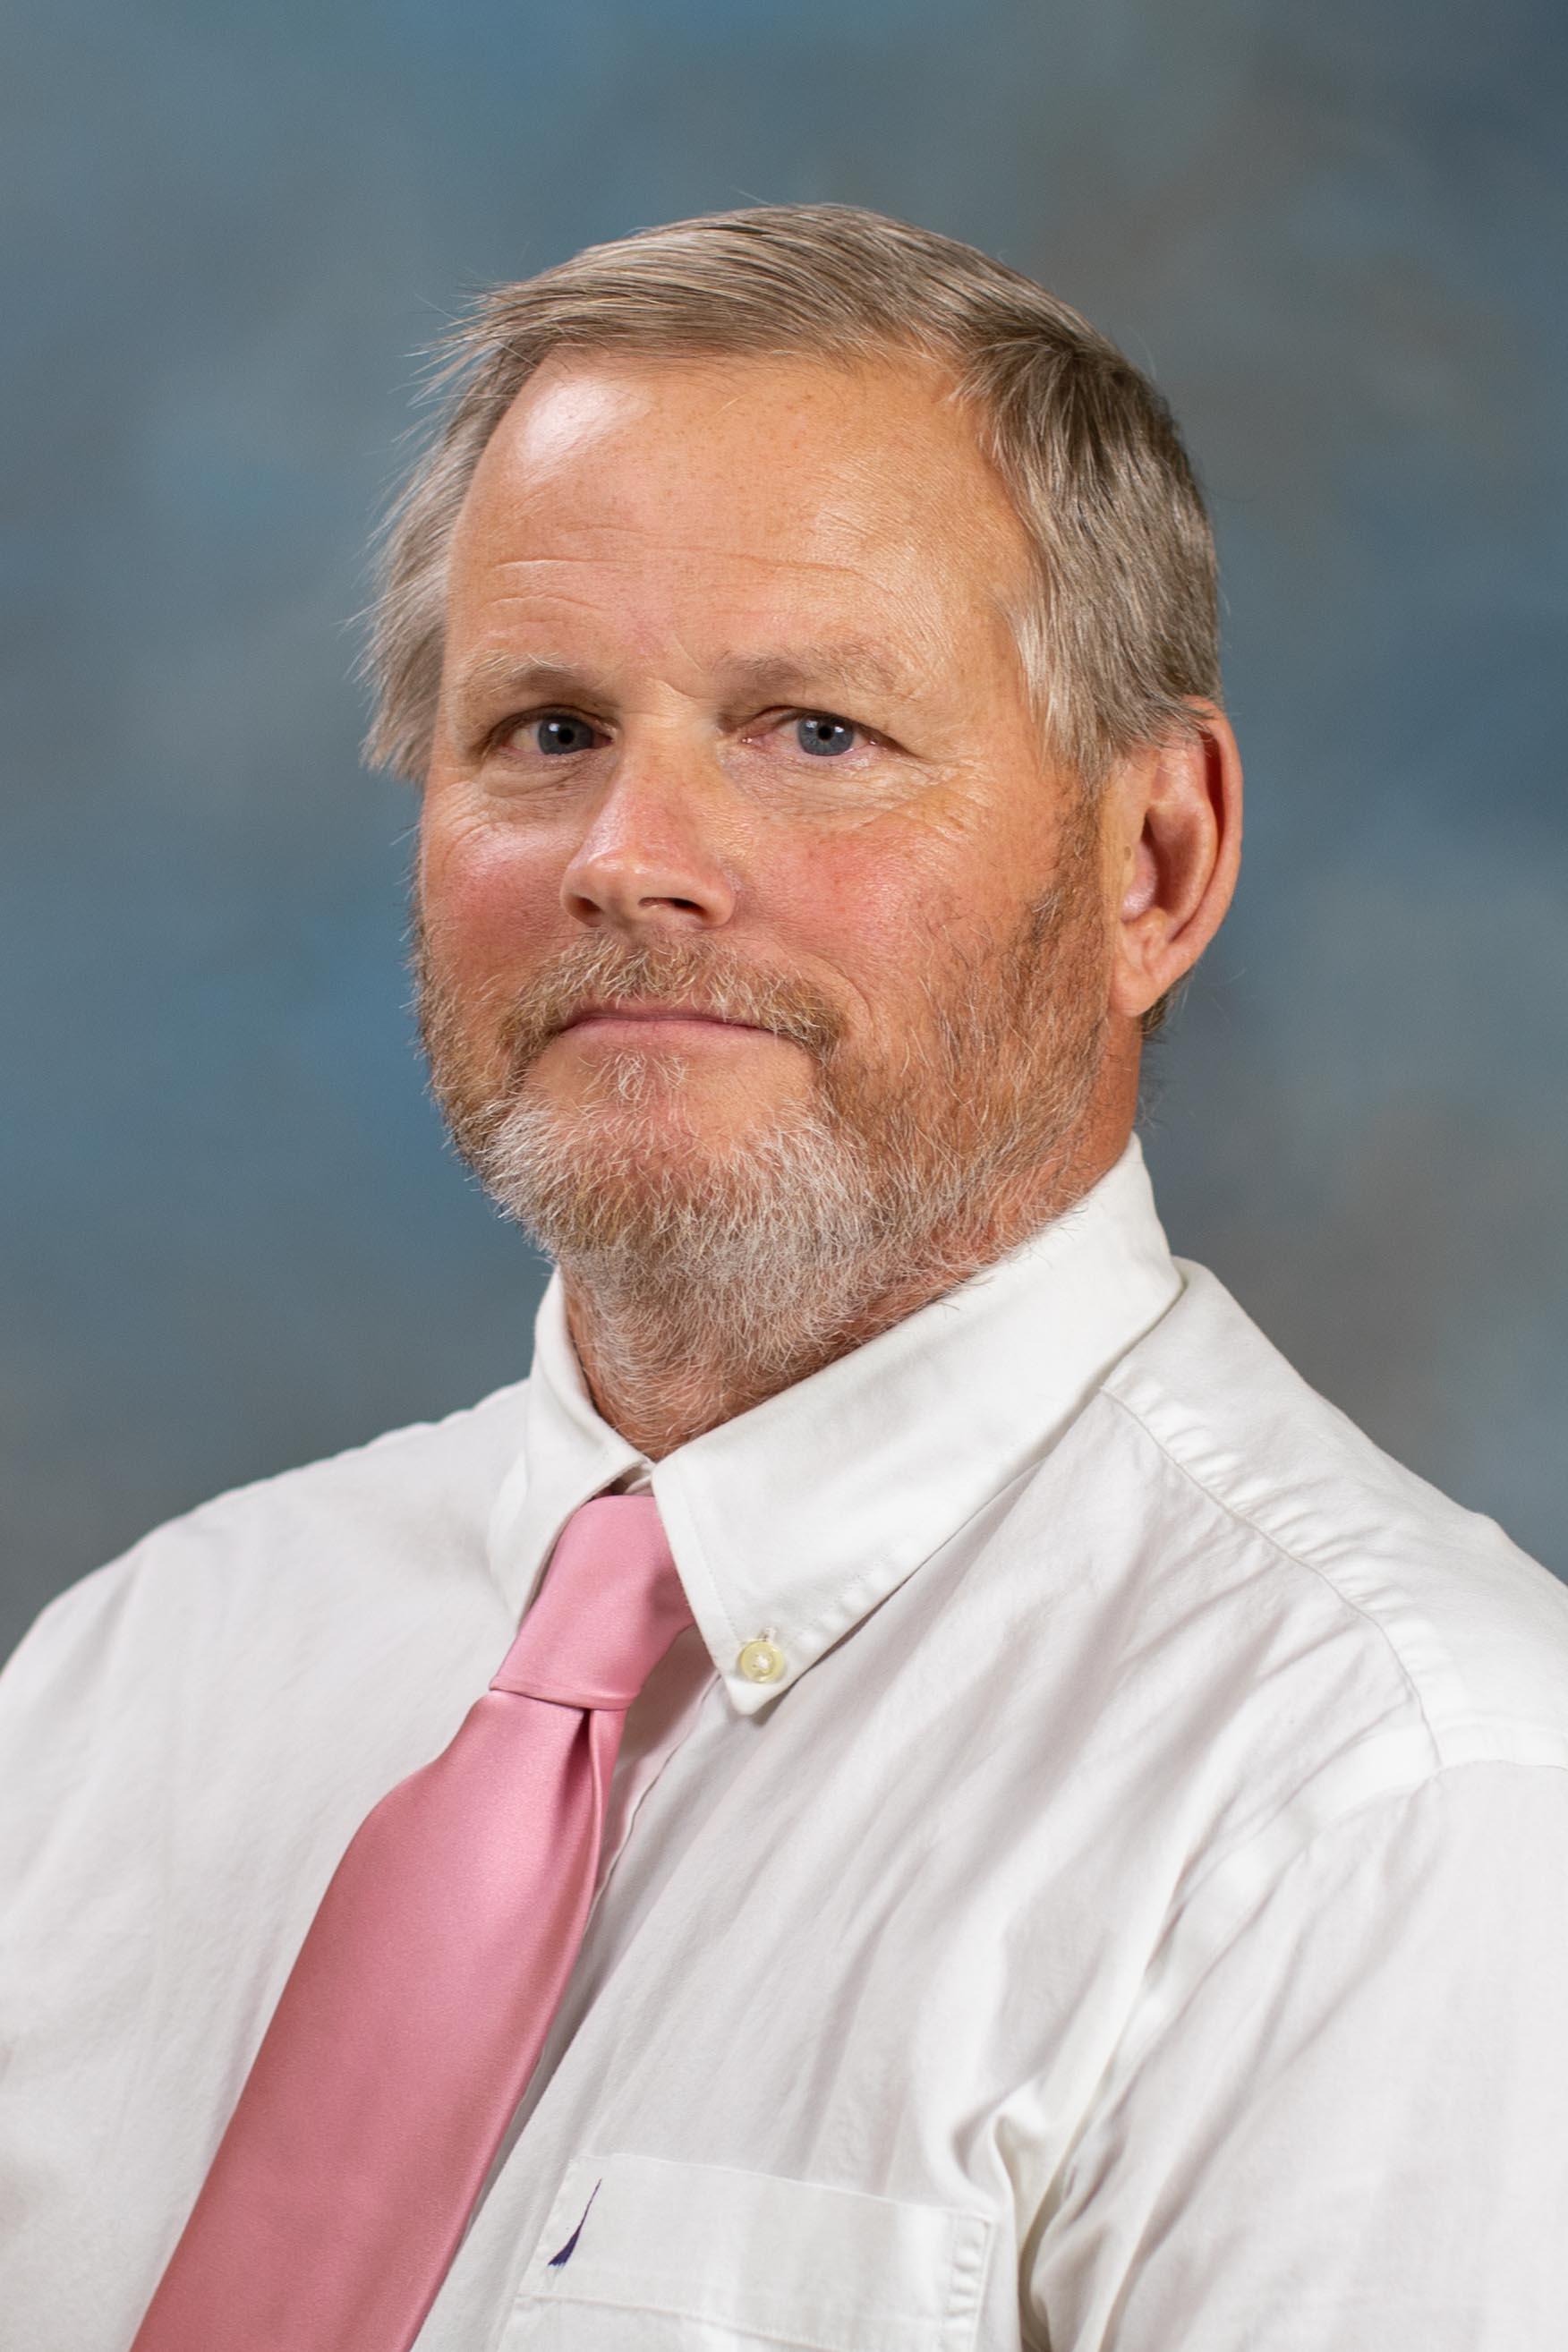 Dr. Richard Martin - Governance Committee Member